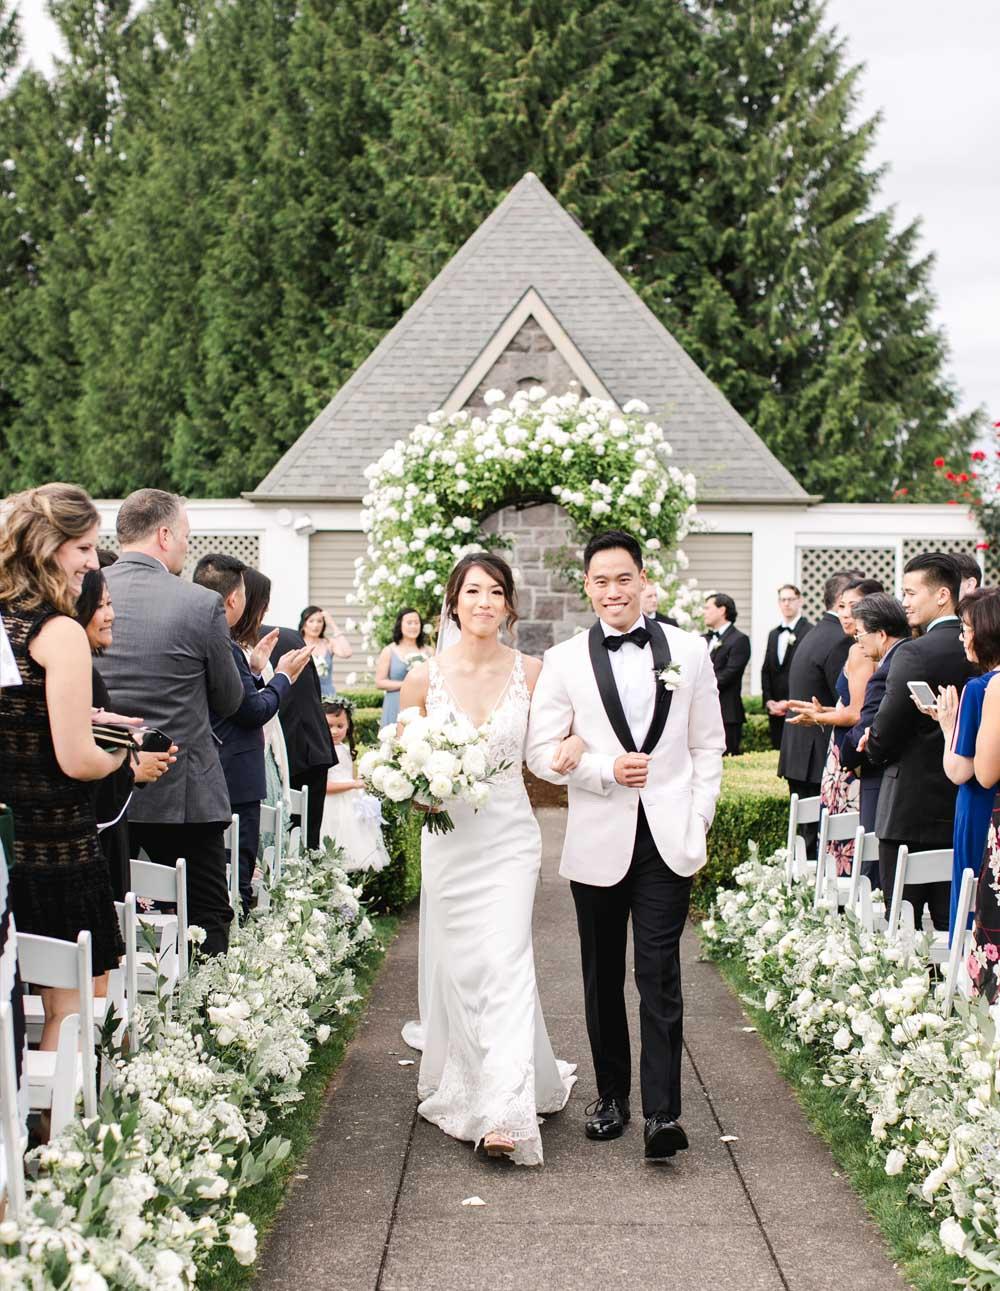 Oregon Golf Club wedding ceremony floral design